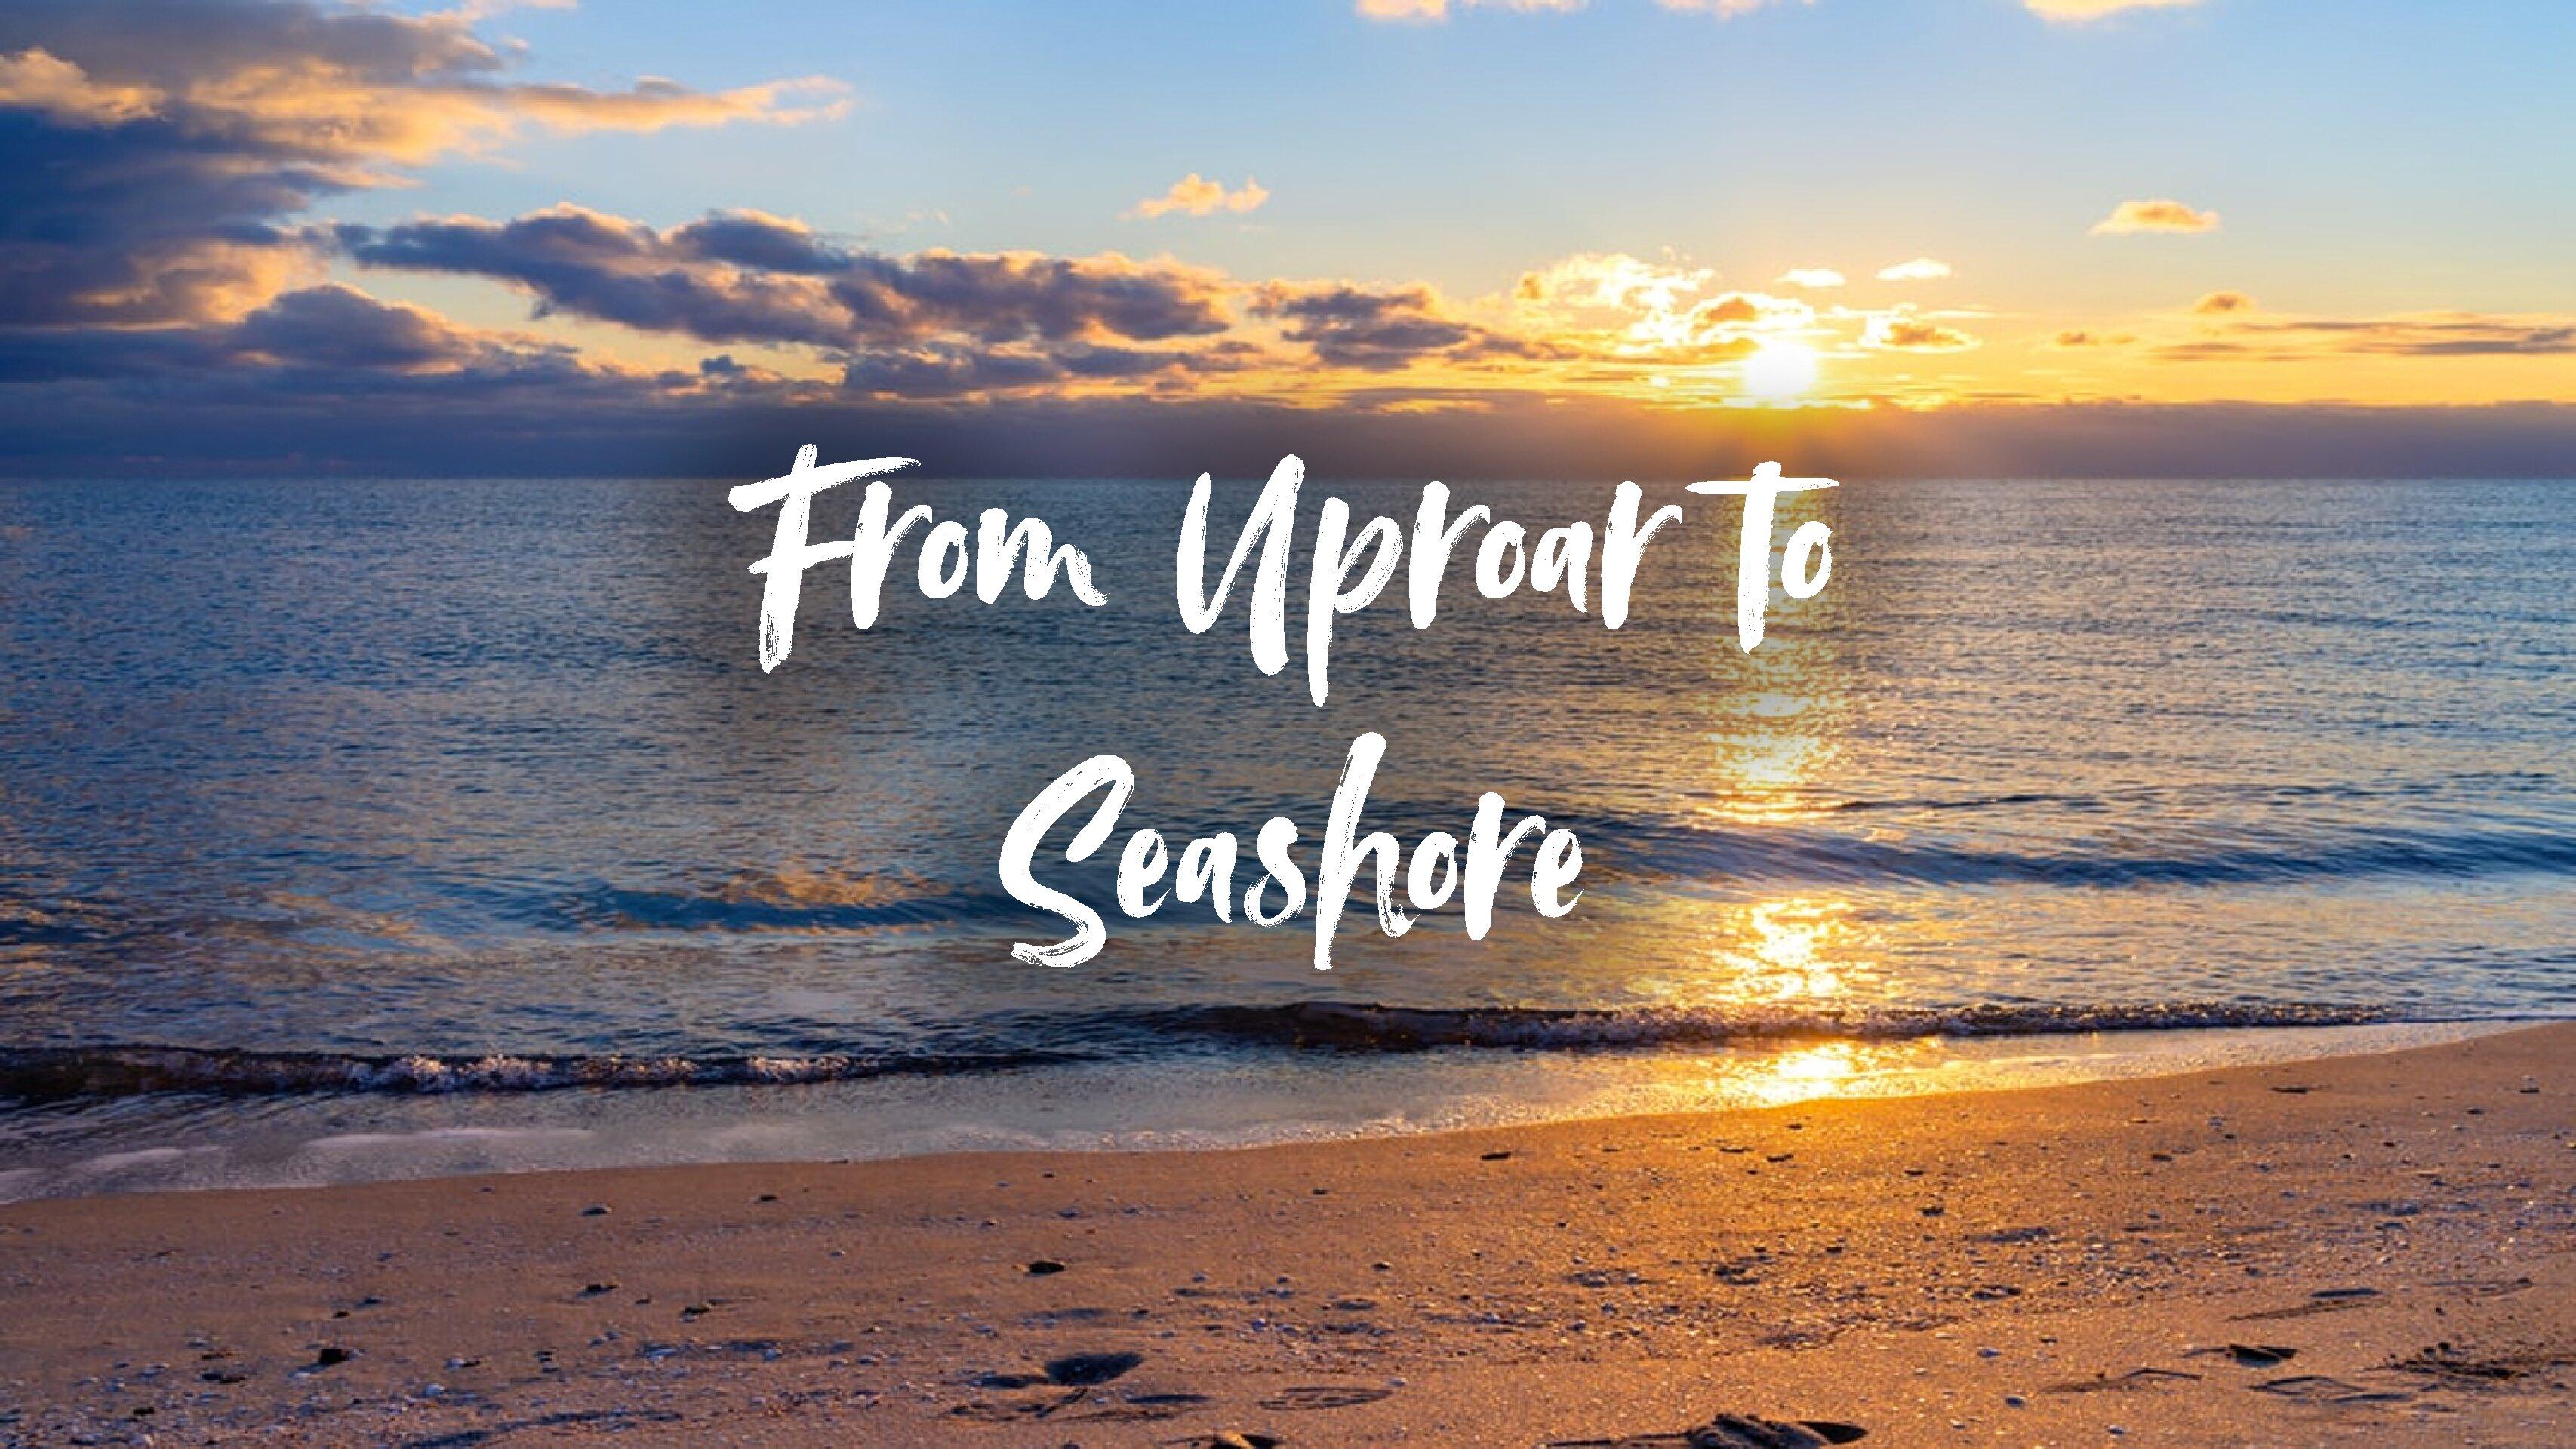 From Uproar to Seashore